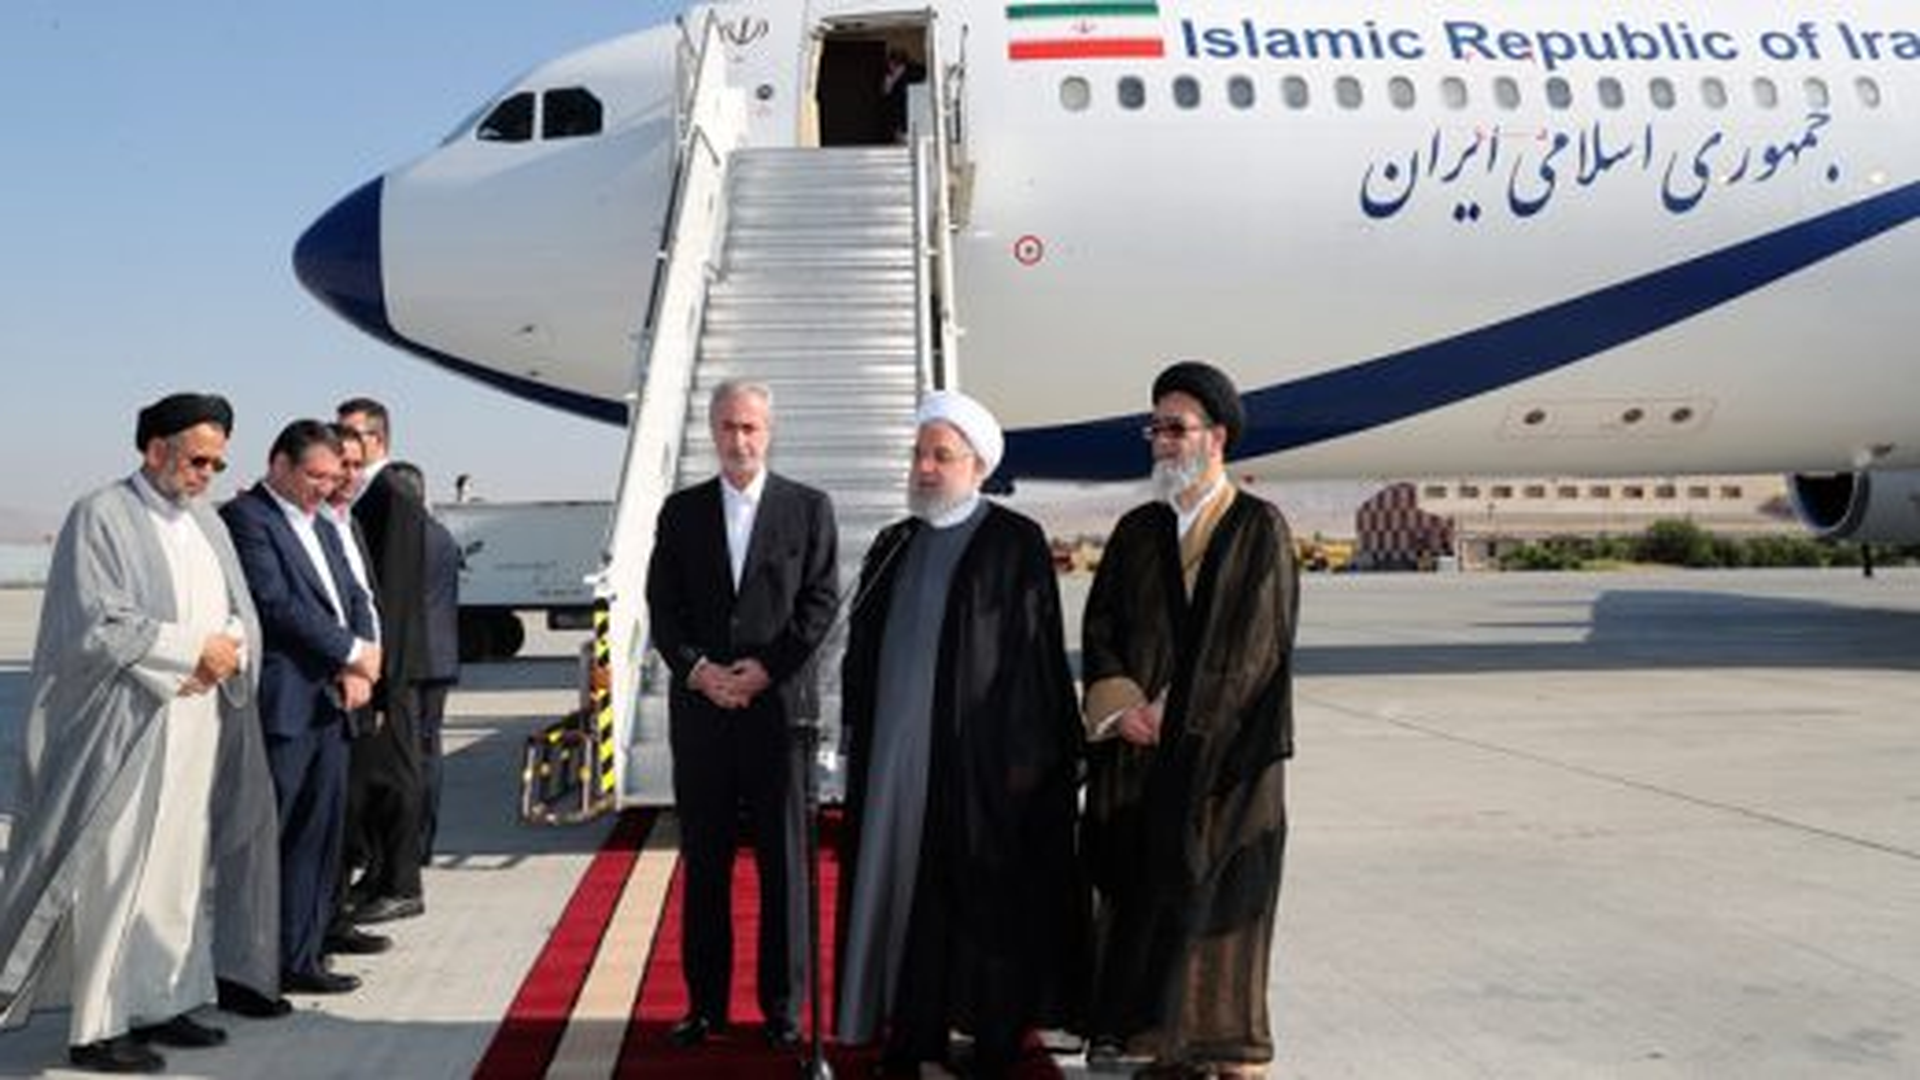 سفر روحانی به تبریز | تگ